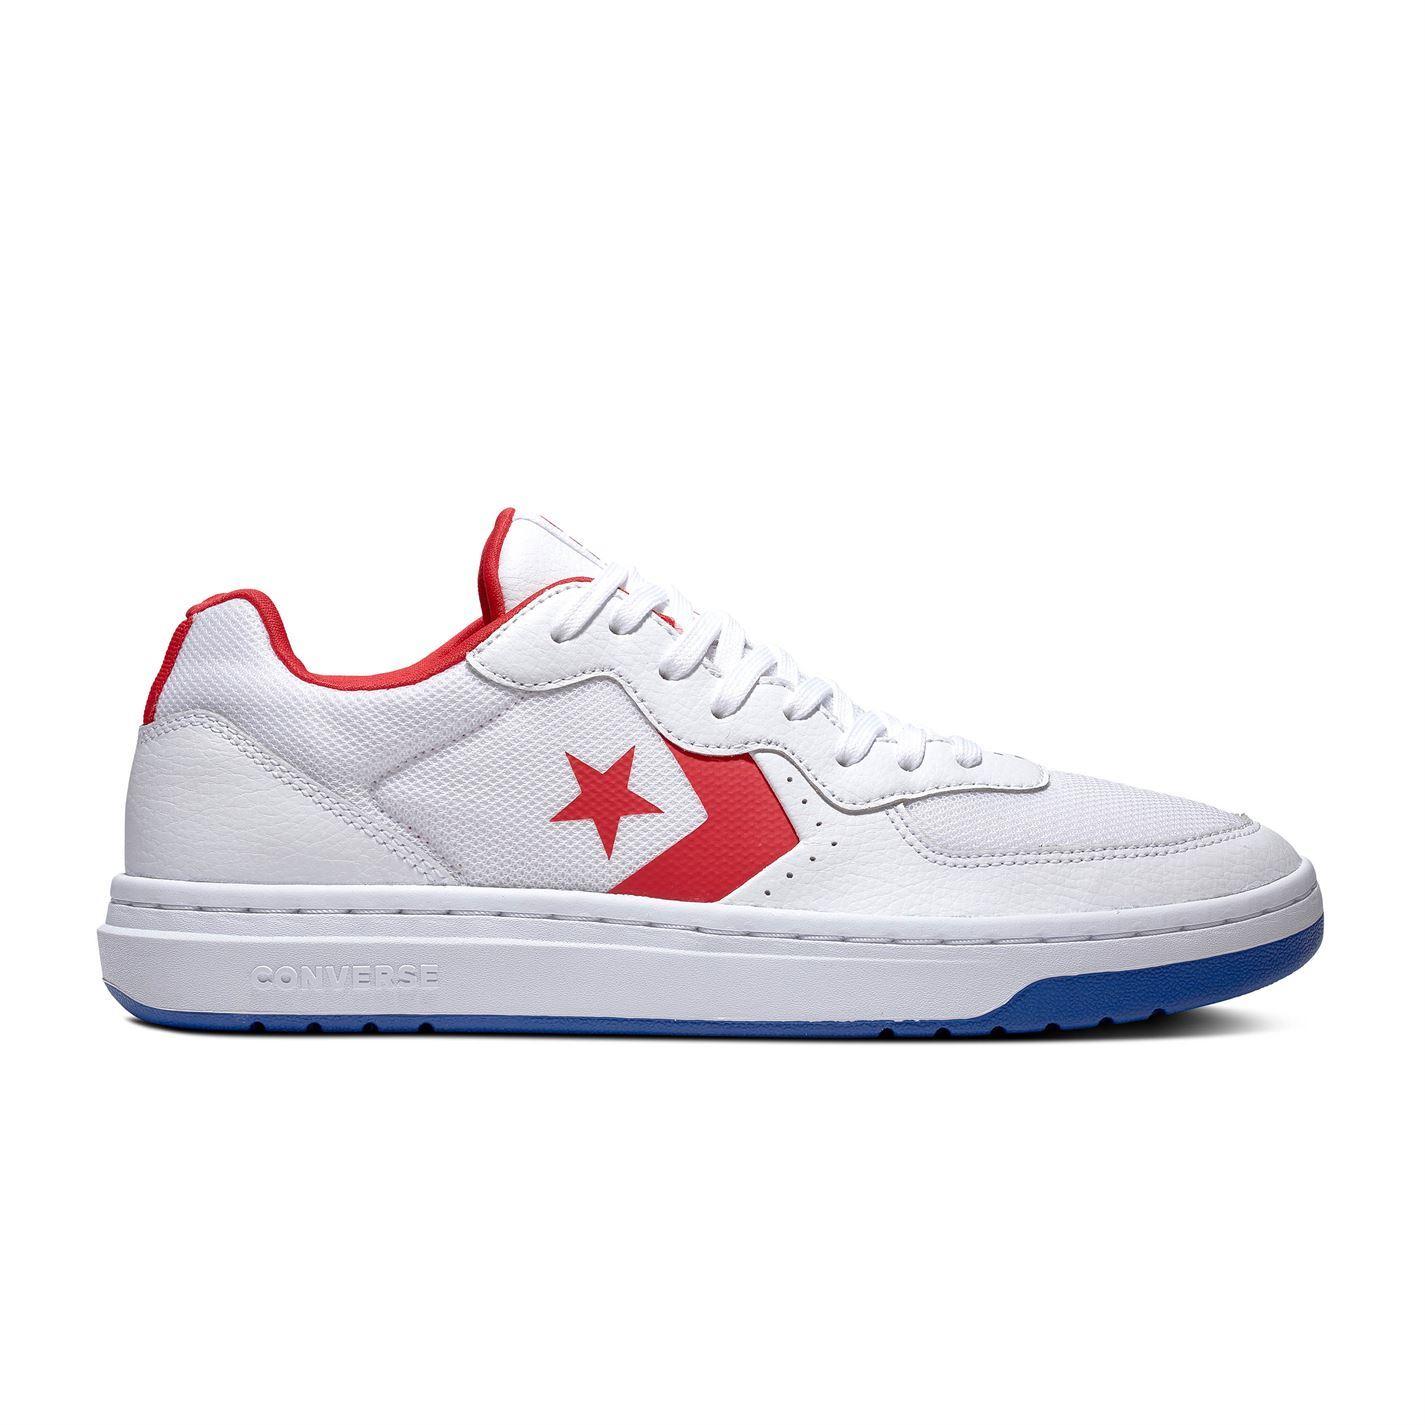 Converse-Rival-Baskets-Pour-Homme-Chaussures-De-Loisirs-Chaussures-Baskets miniature 31